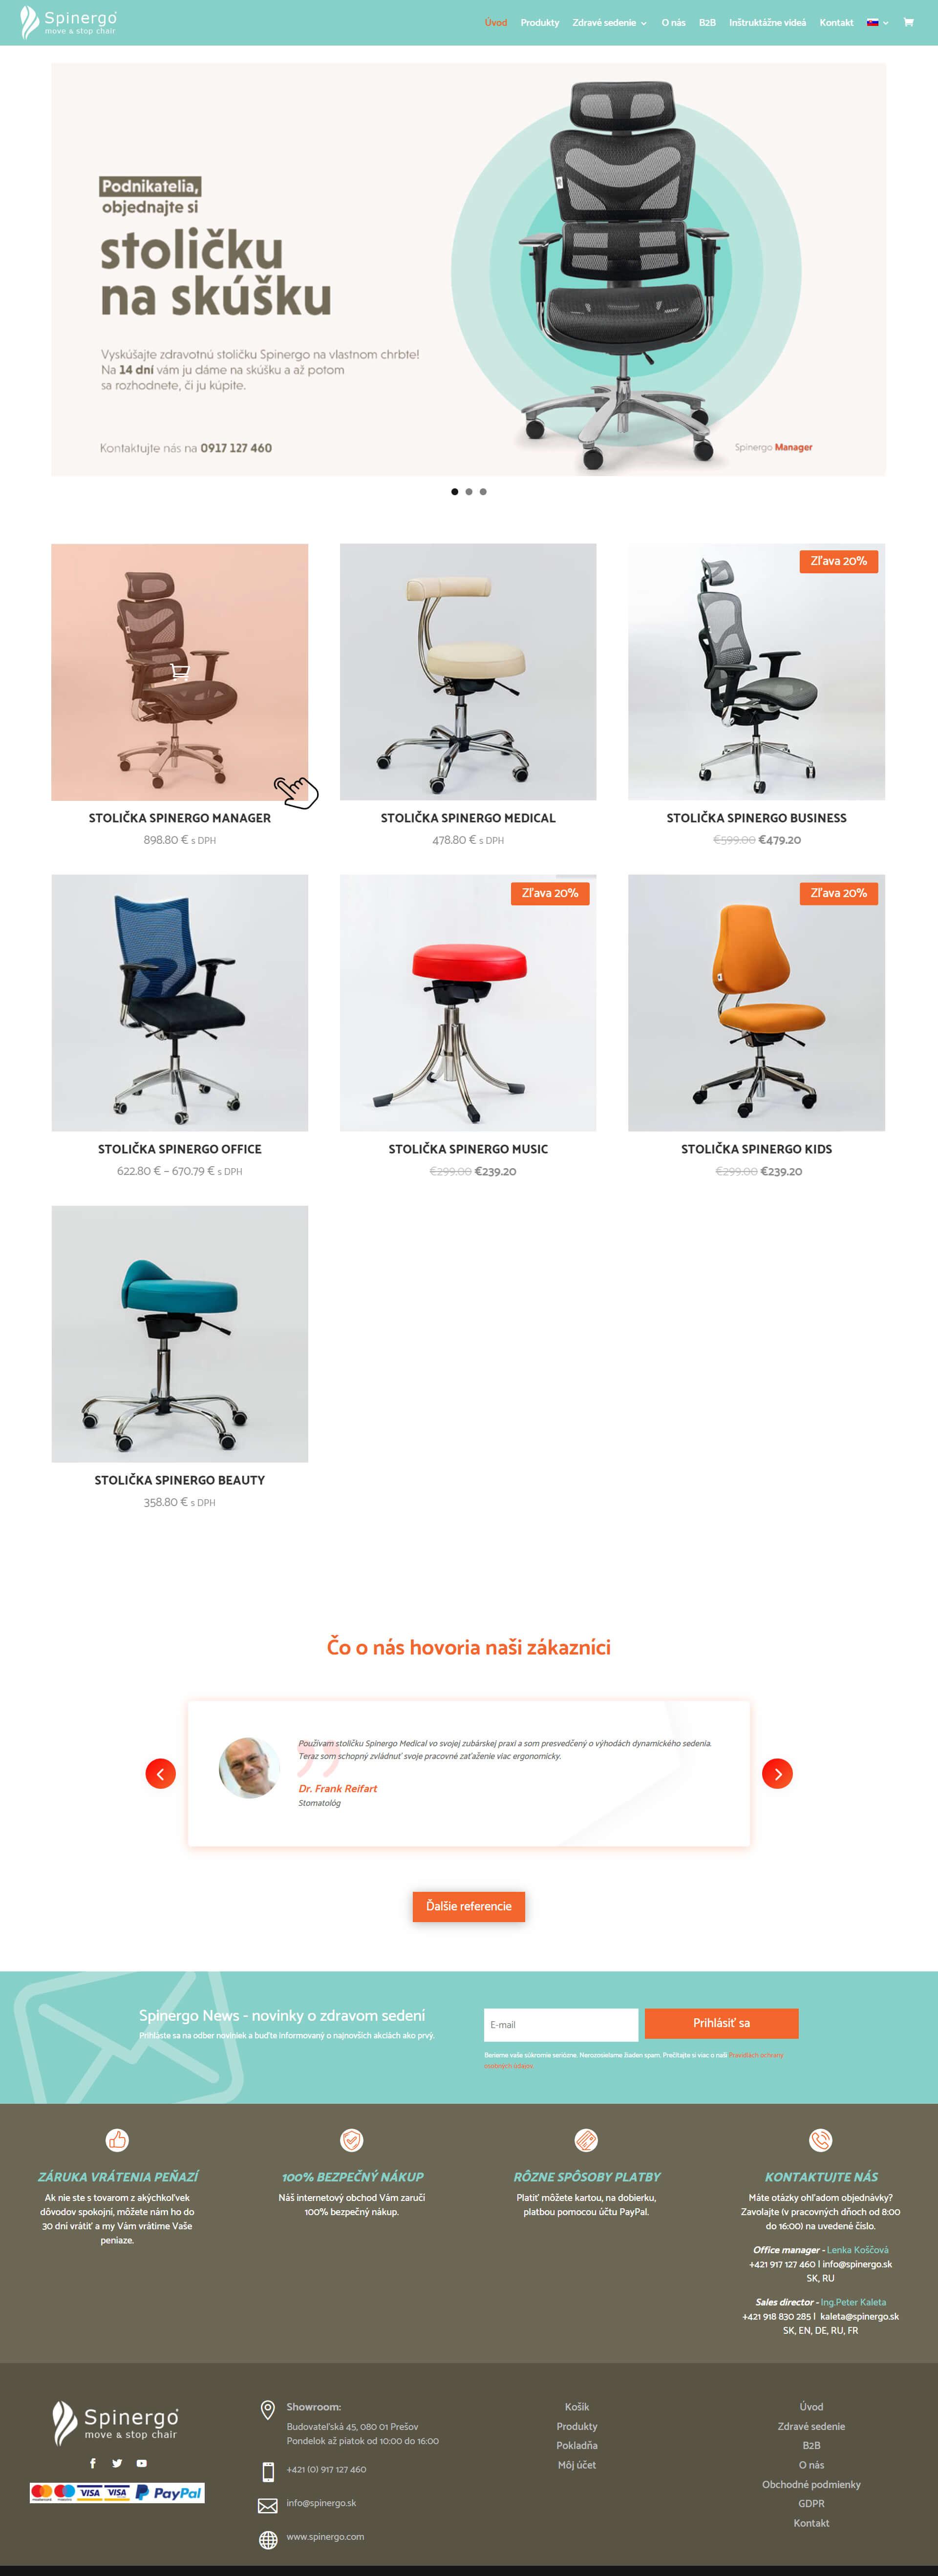 Tvorba E-shopu na mieru pre zdravotné ortopedické stoličky Spinergo